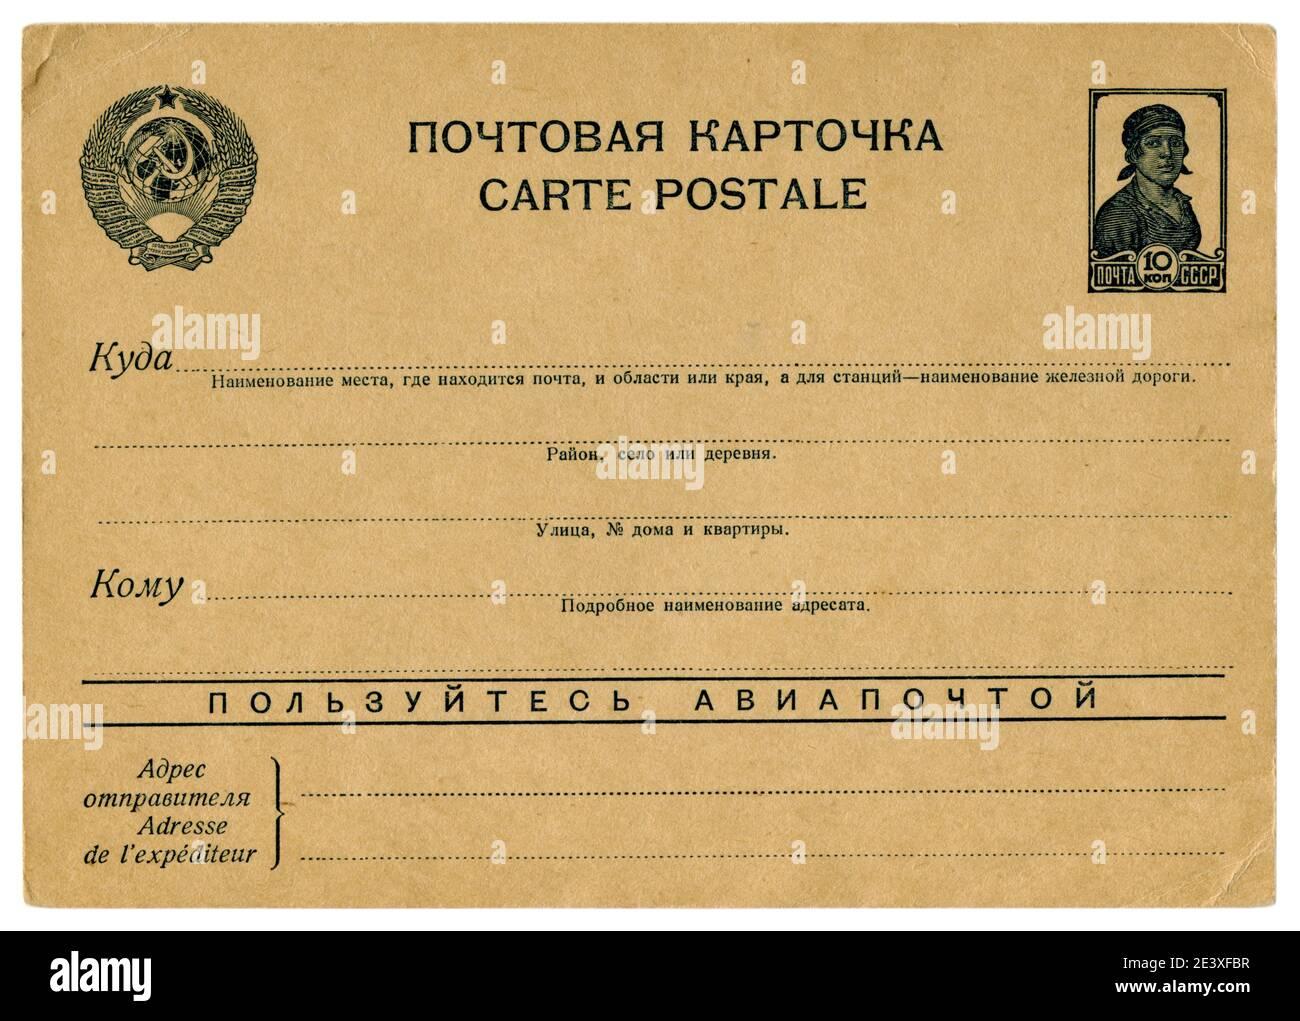 Carte postale historique soviétique: Publicité - carte postale d'agitation 'utiliser l'airmail' pour la correspondance locale, timbre-poste imprimé, travailleuse, 1939 Banque D'Images